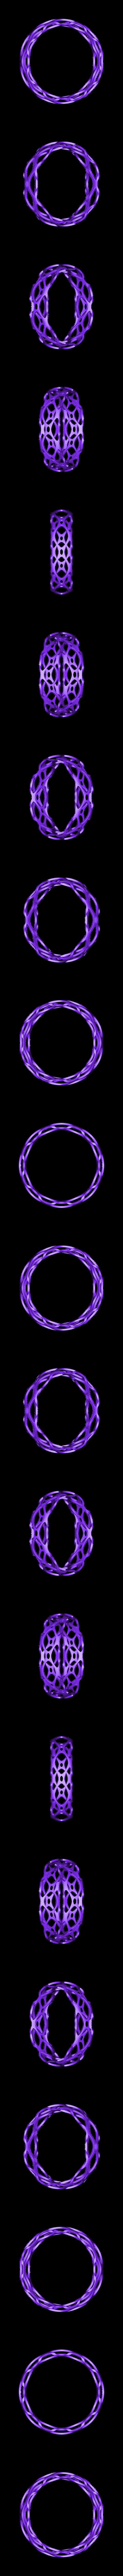 subdivision_bangle_bracelet.STL Download free STL file Subdivision Bangle Bracelet • 3D printable object, O3D